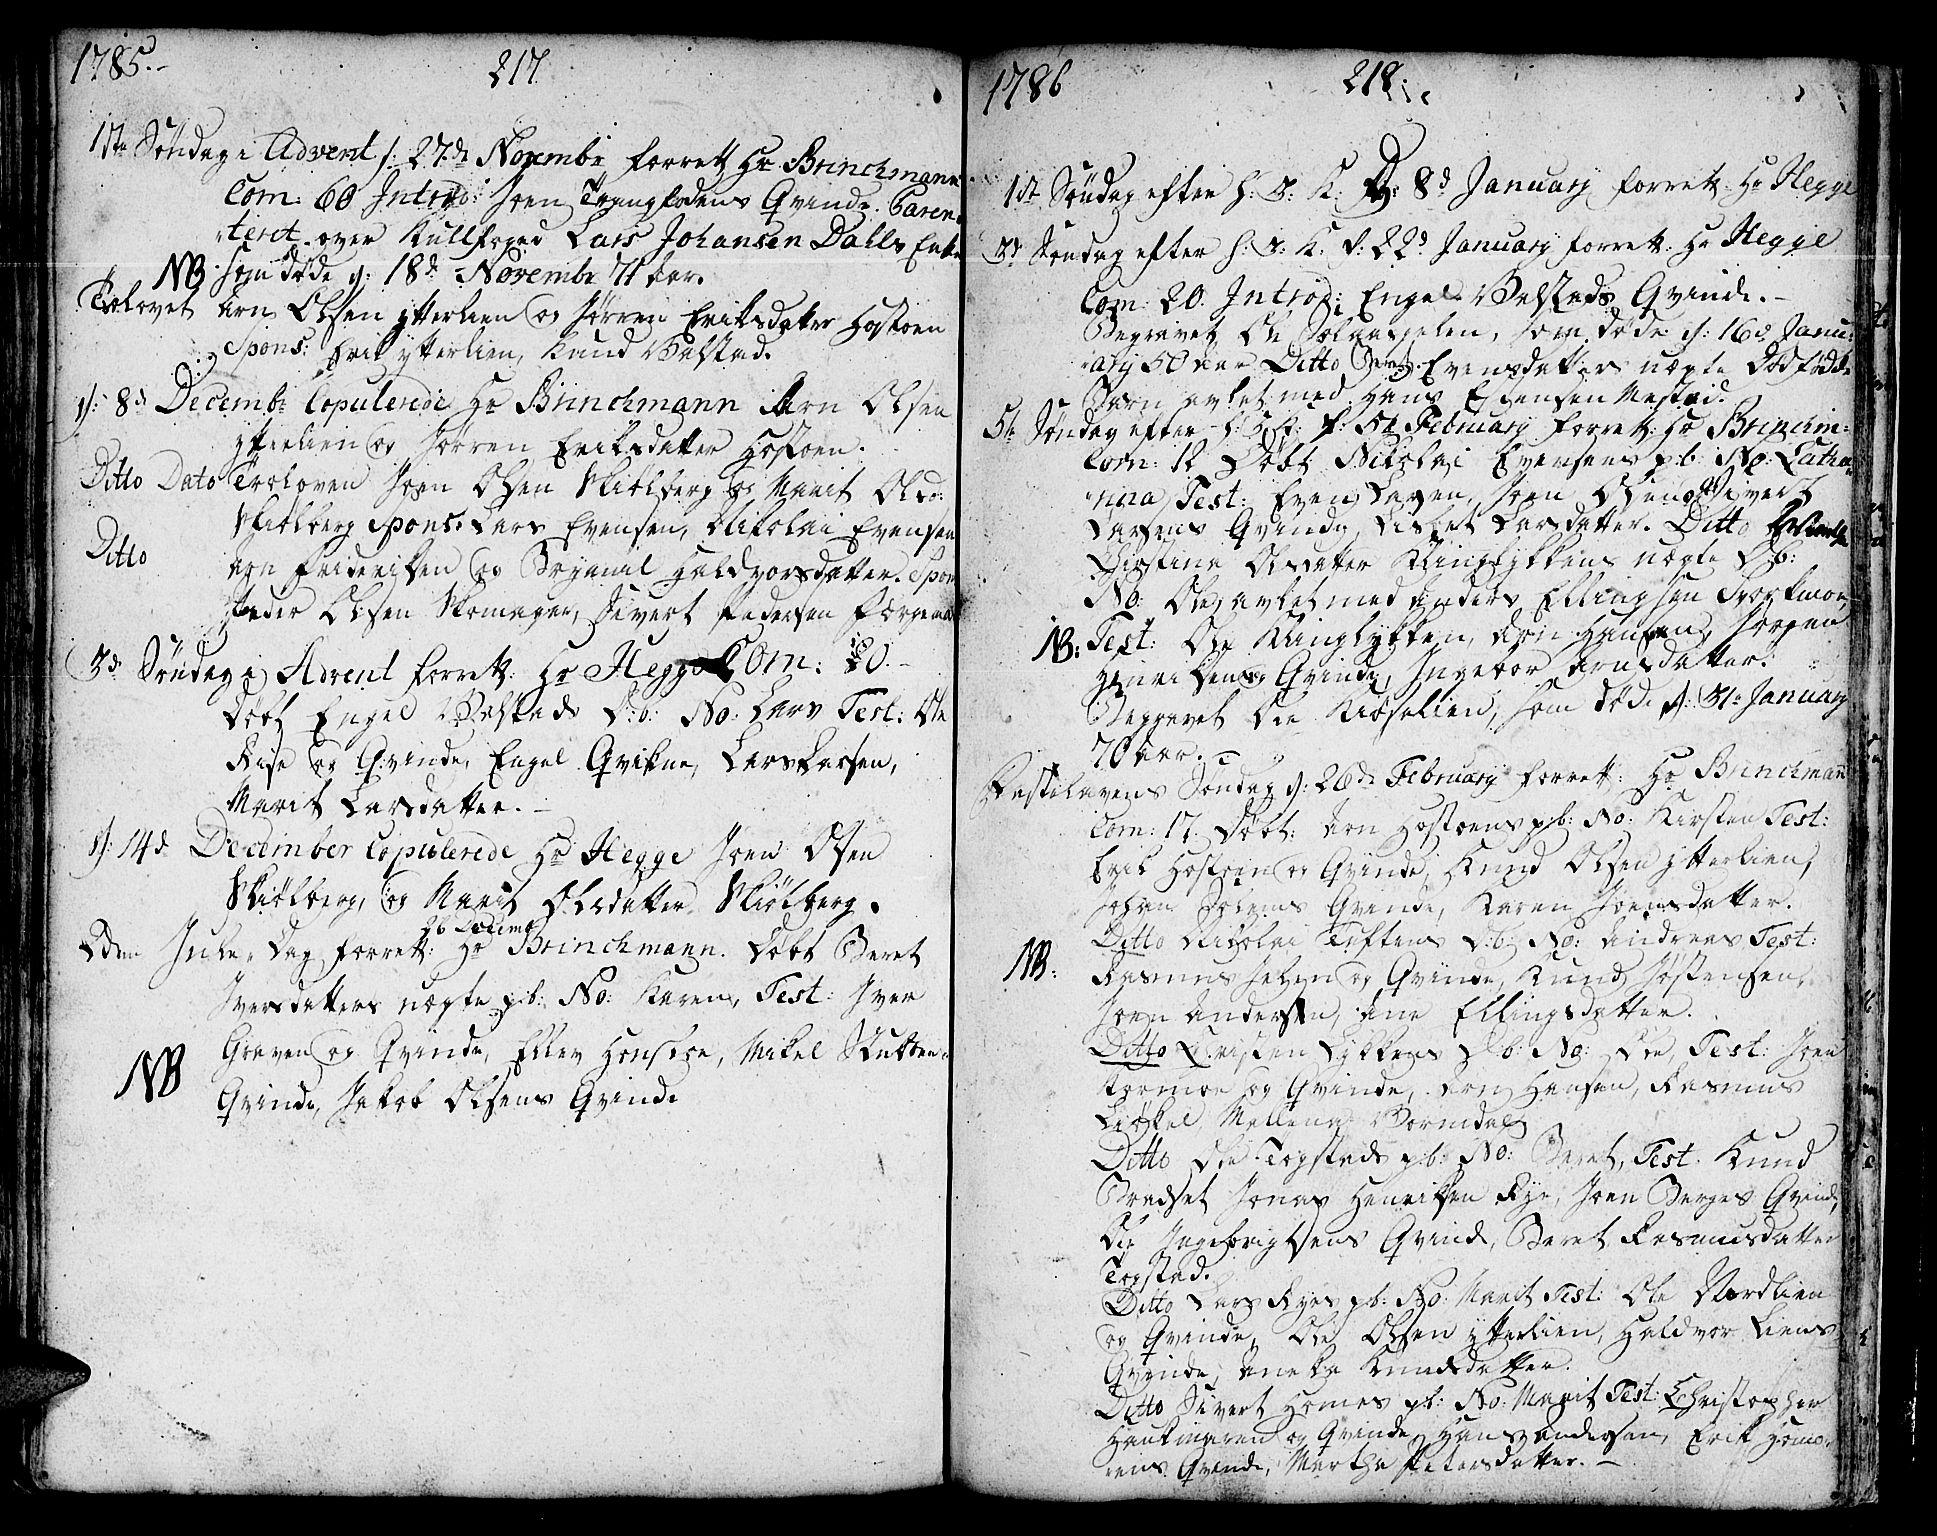 SAT, Ministerialprotokoller, klokkerbøker og fødselsregistre - Sør-Trøndelag, 671/L0840: Ministerialbok nr. 671A02, 1756-1794, s. 317-318